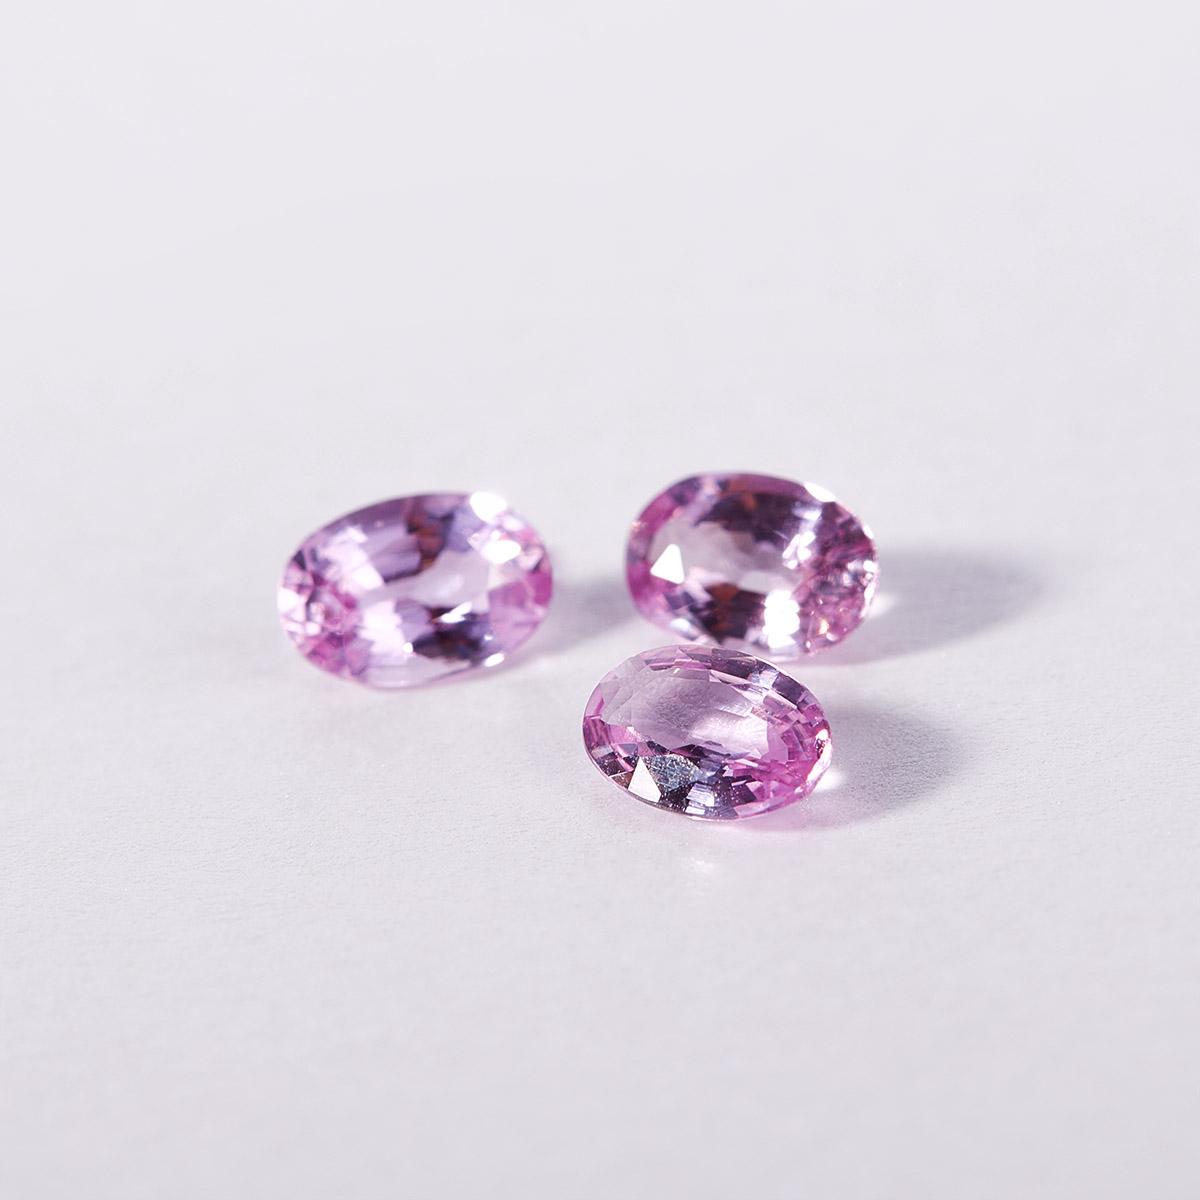 růžový safír - kamínky